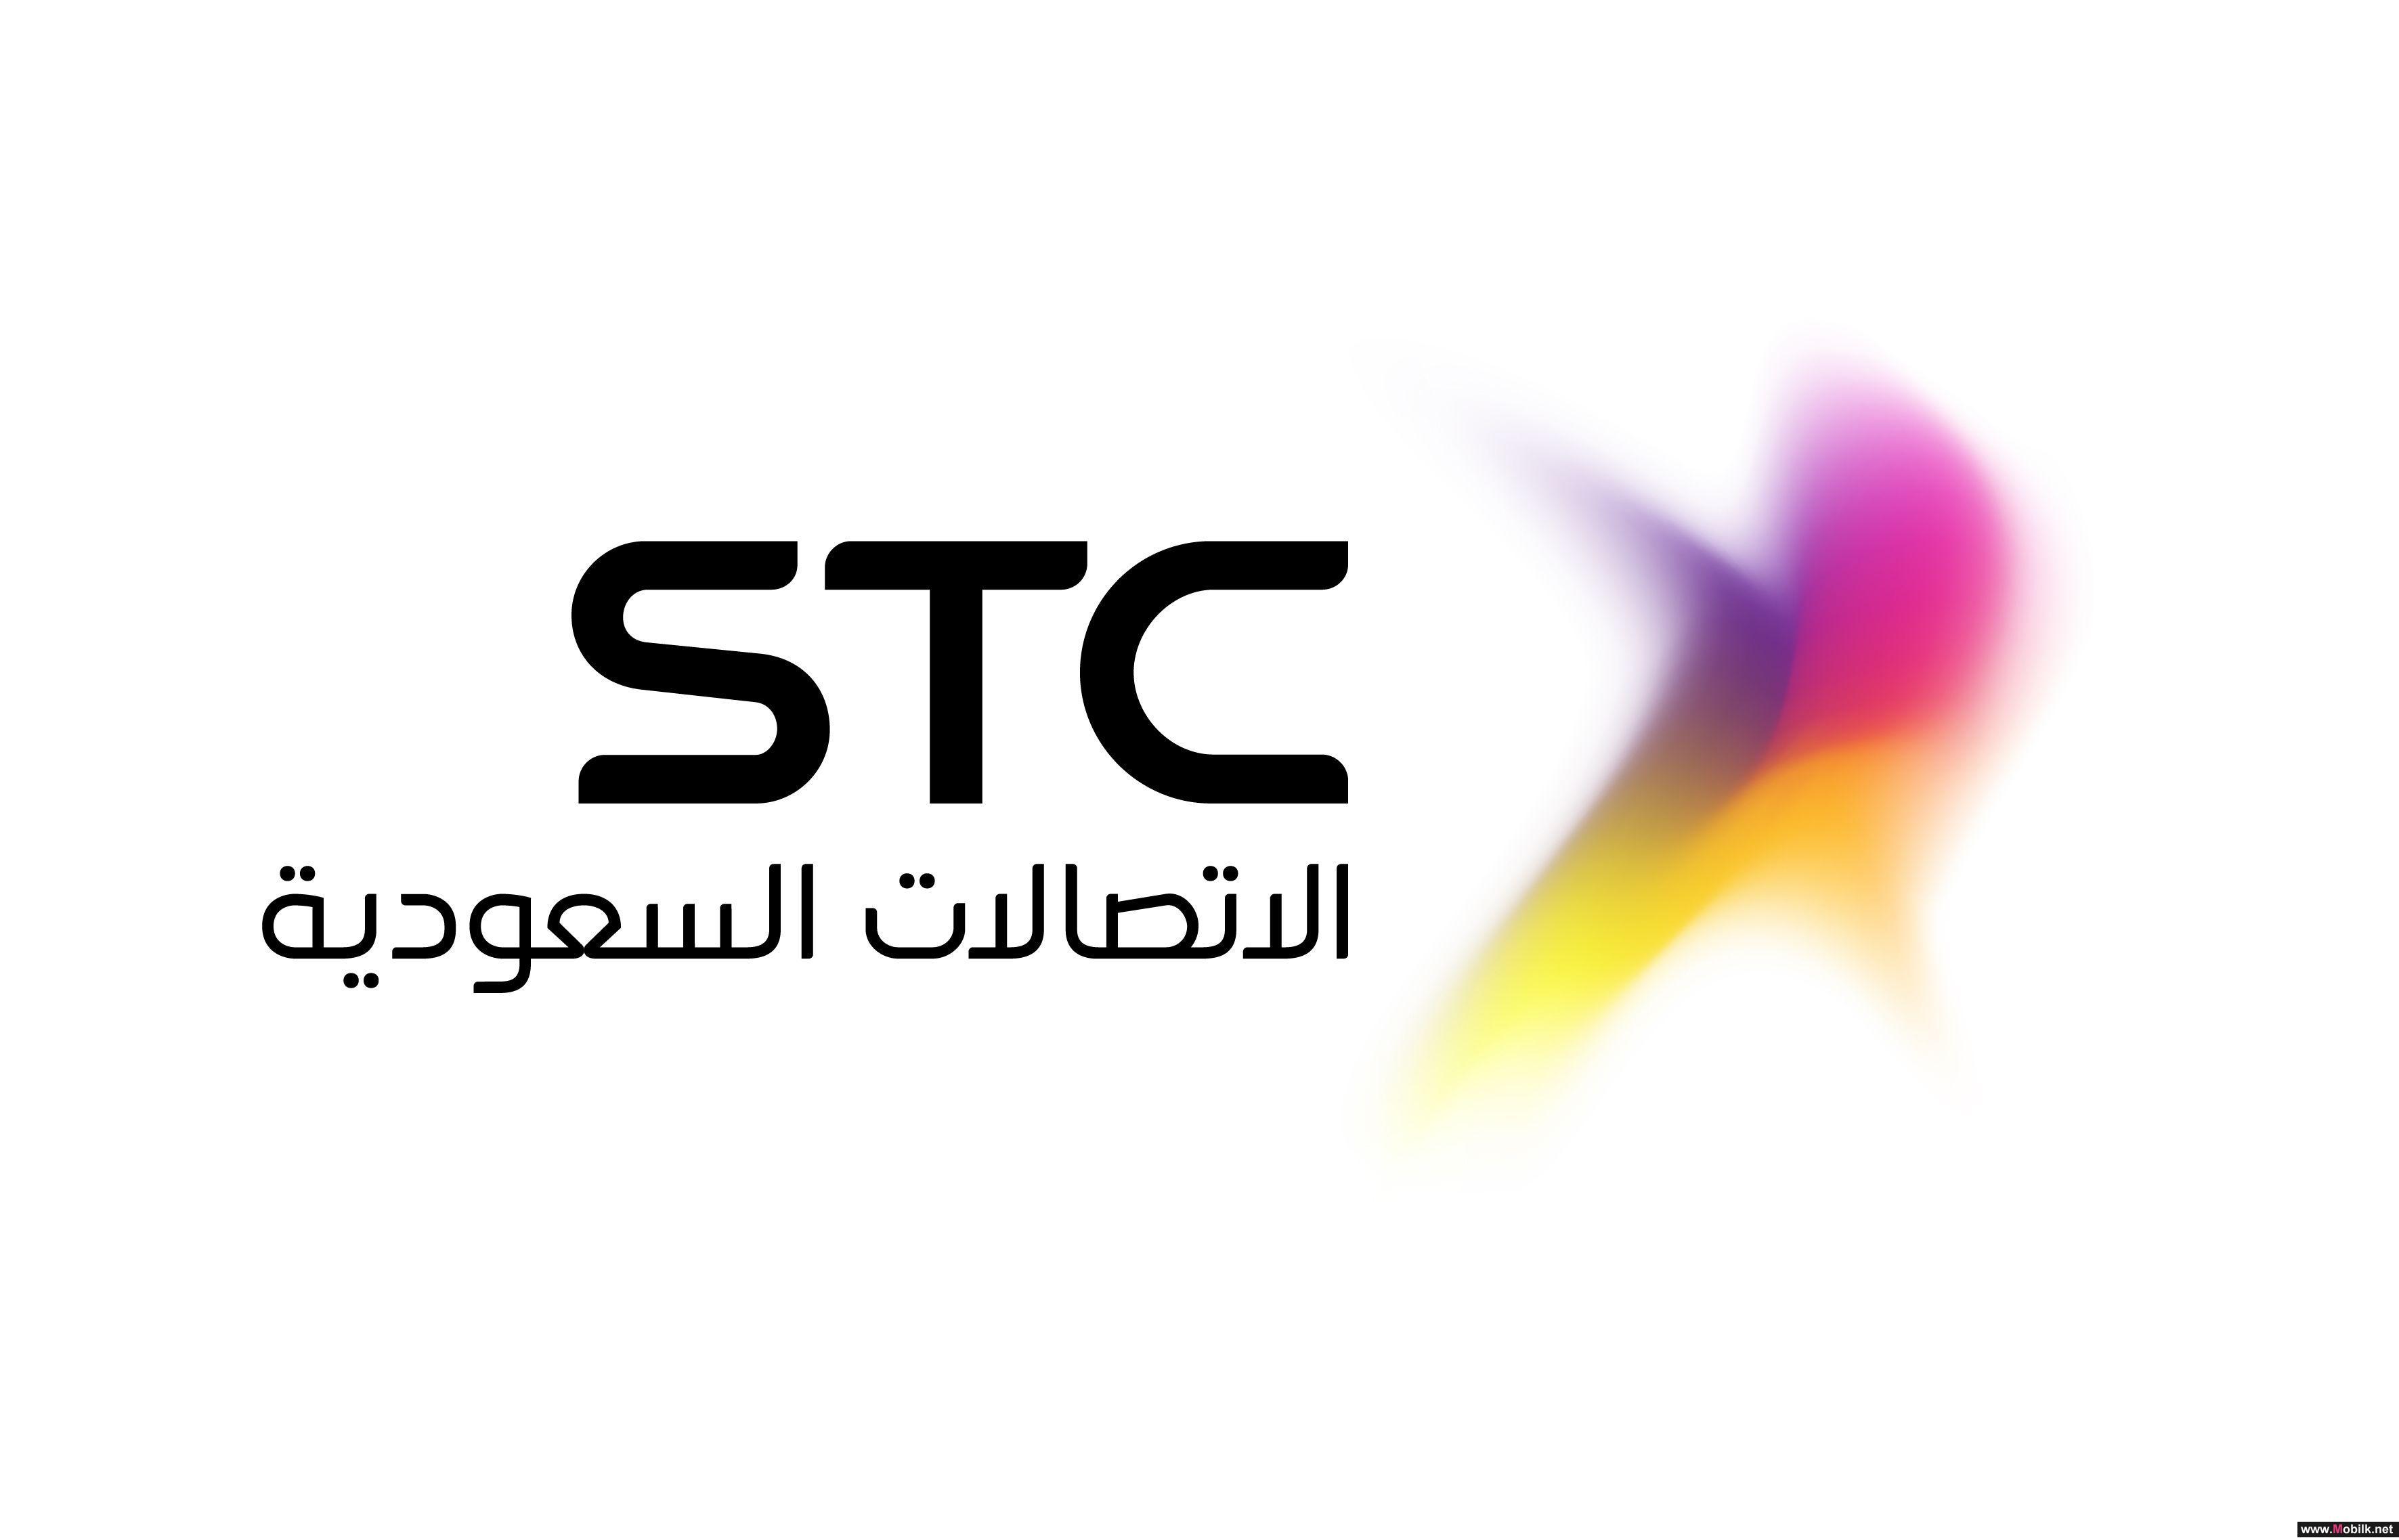 الاتصالات السعودية توقع اتفاقية النقل التلفزيوني والرقمي والرعايات التسويقية مع الهيئة العامة للرياضة و الاتحاد السعودي لكرة القدم